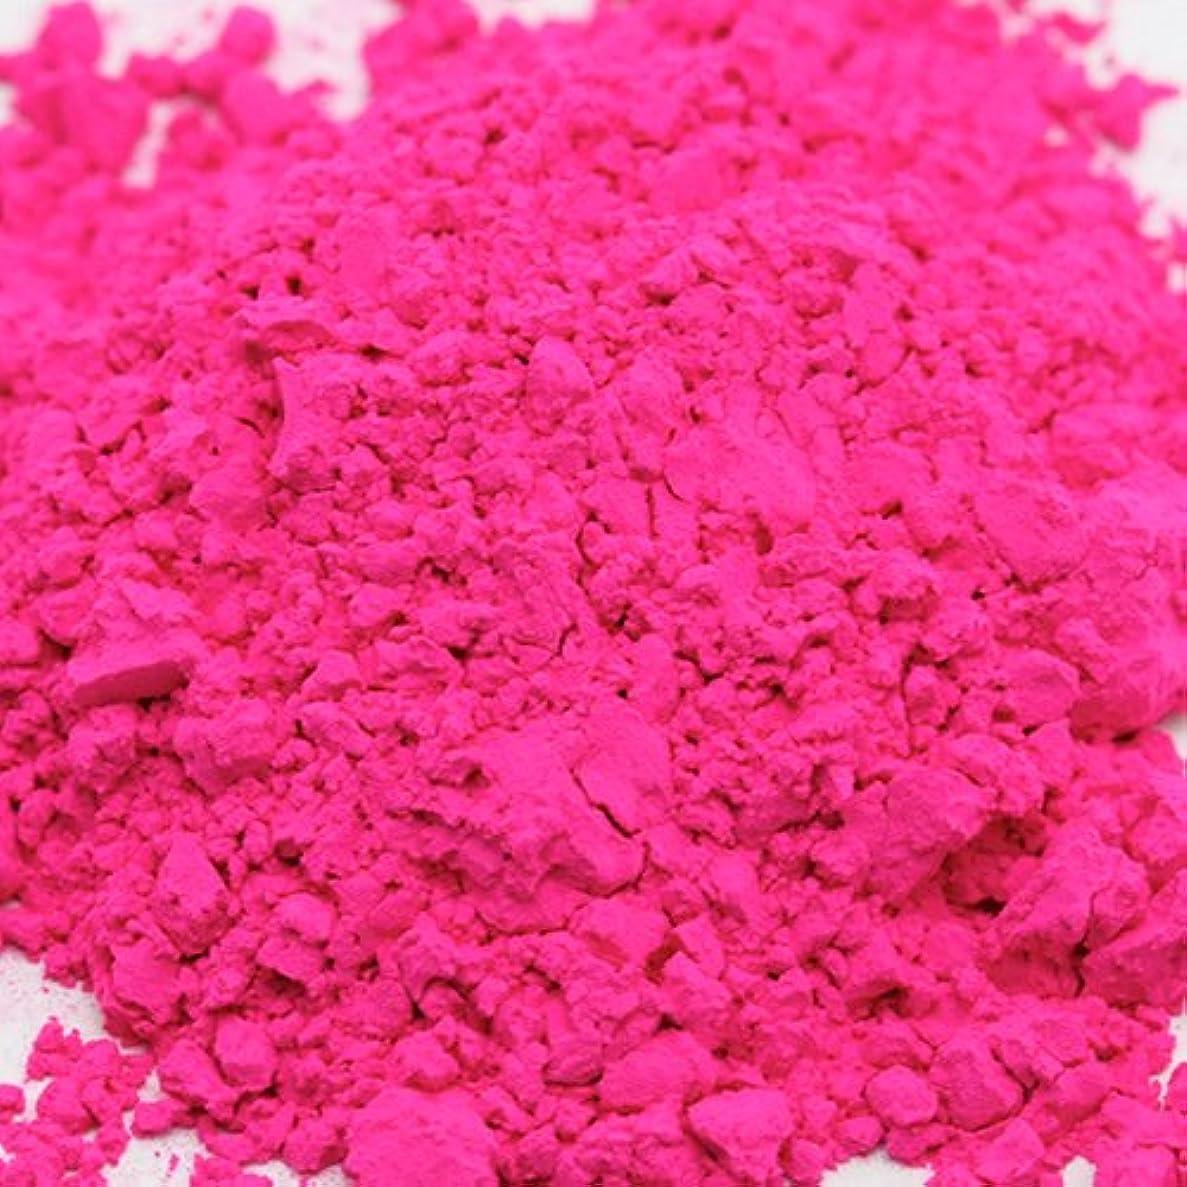 気怠いメモケイ素キャンディカラー ピンク 20g 【手作り石鹸/手作りコスメ/色付け/カラーラント】